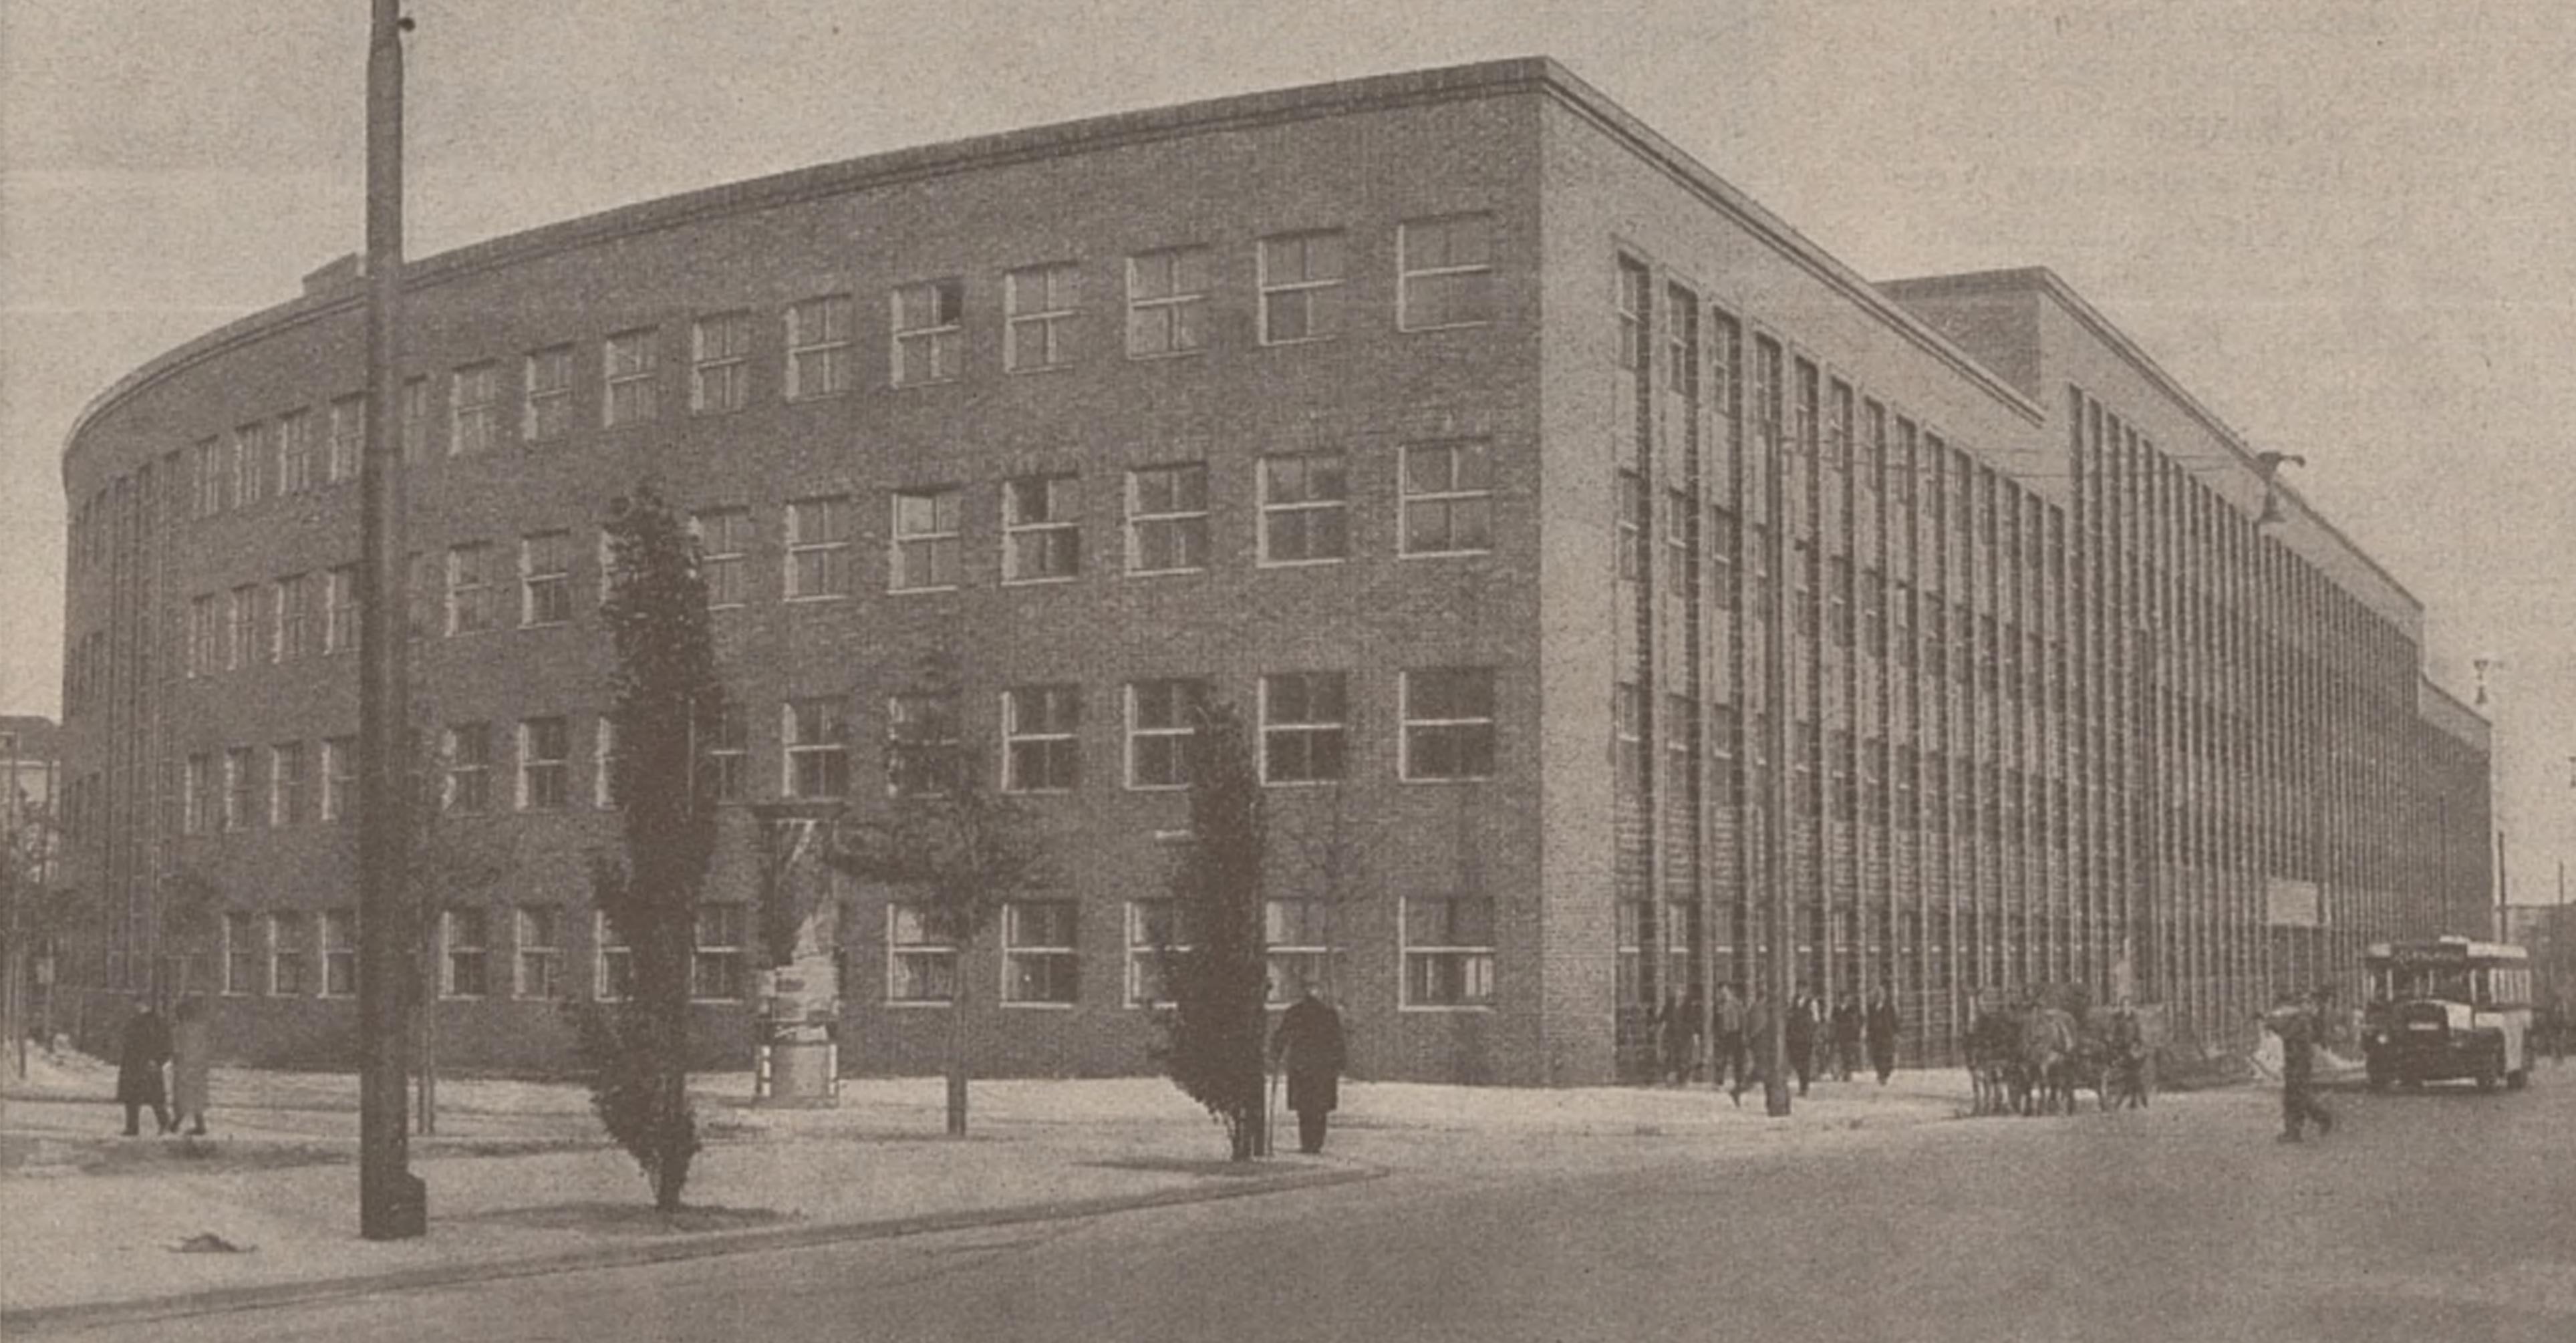 La «Funkhaus» de la Masurenallee à Berlin peu après sa construction, vers 1931 - une photo publiée entre autres en couverture de  la revue «Le Radio» du 10 février 1931, No 411